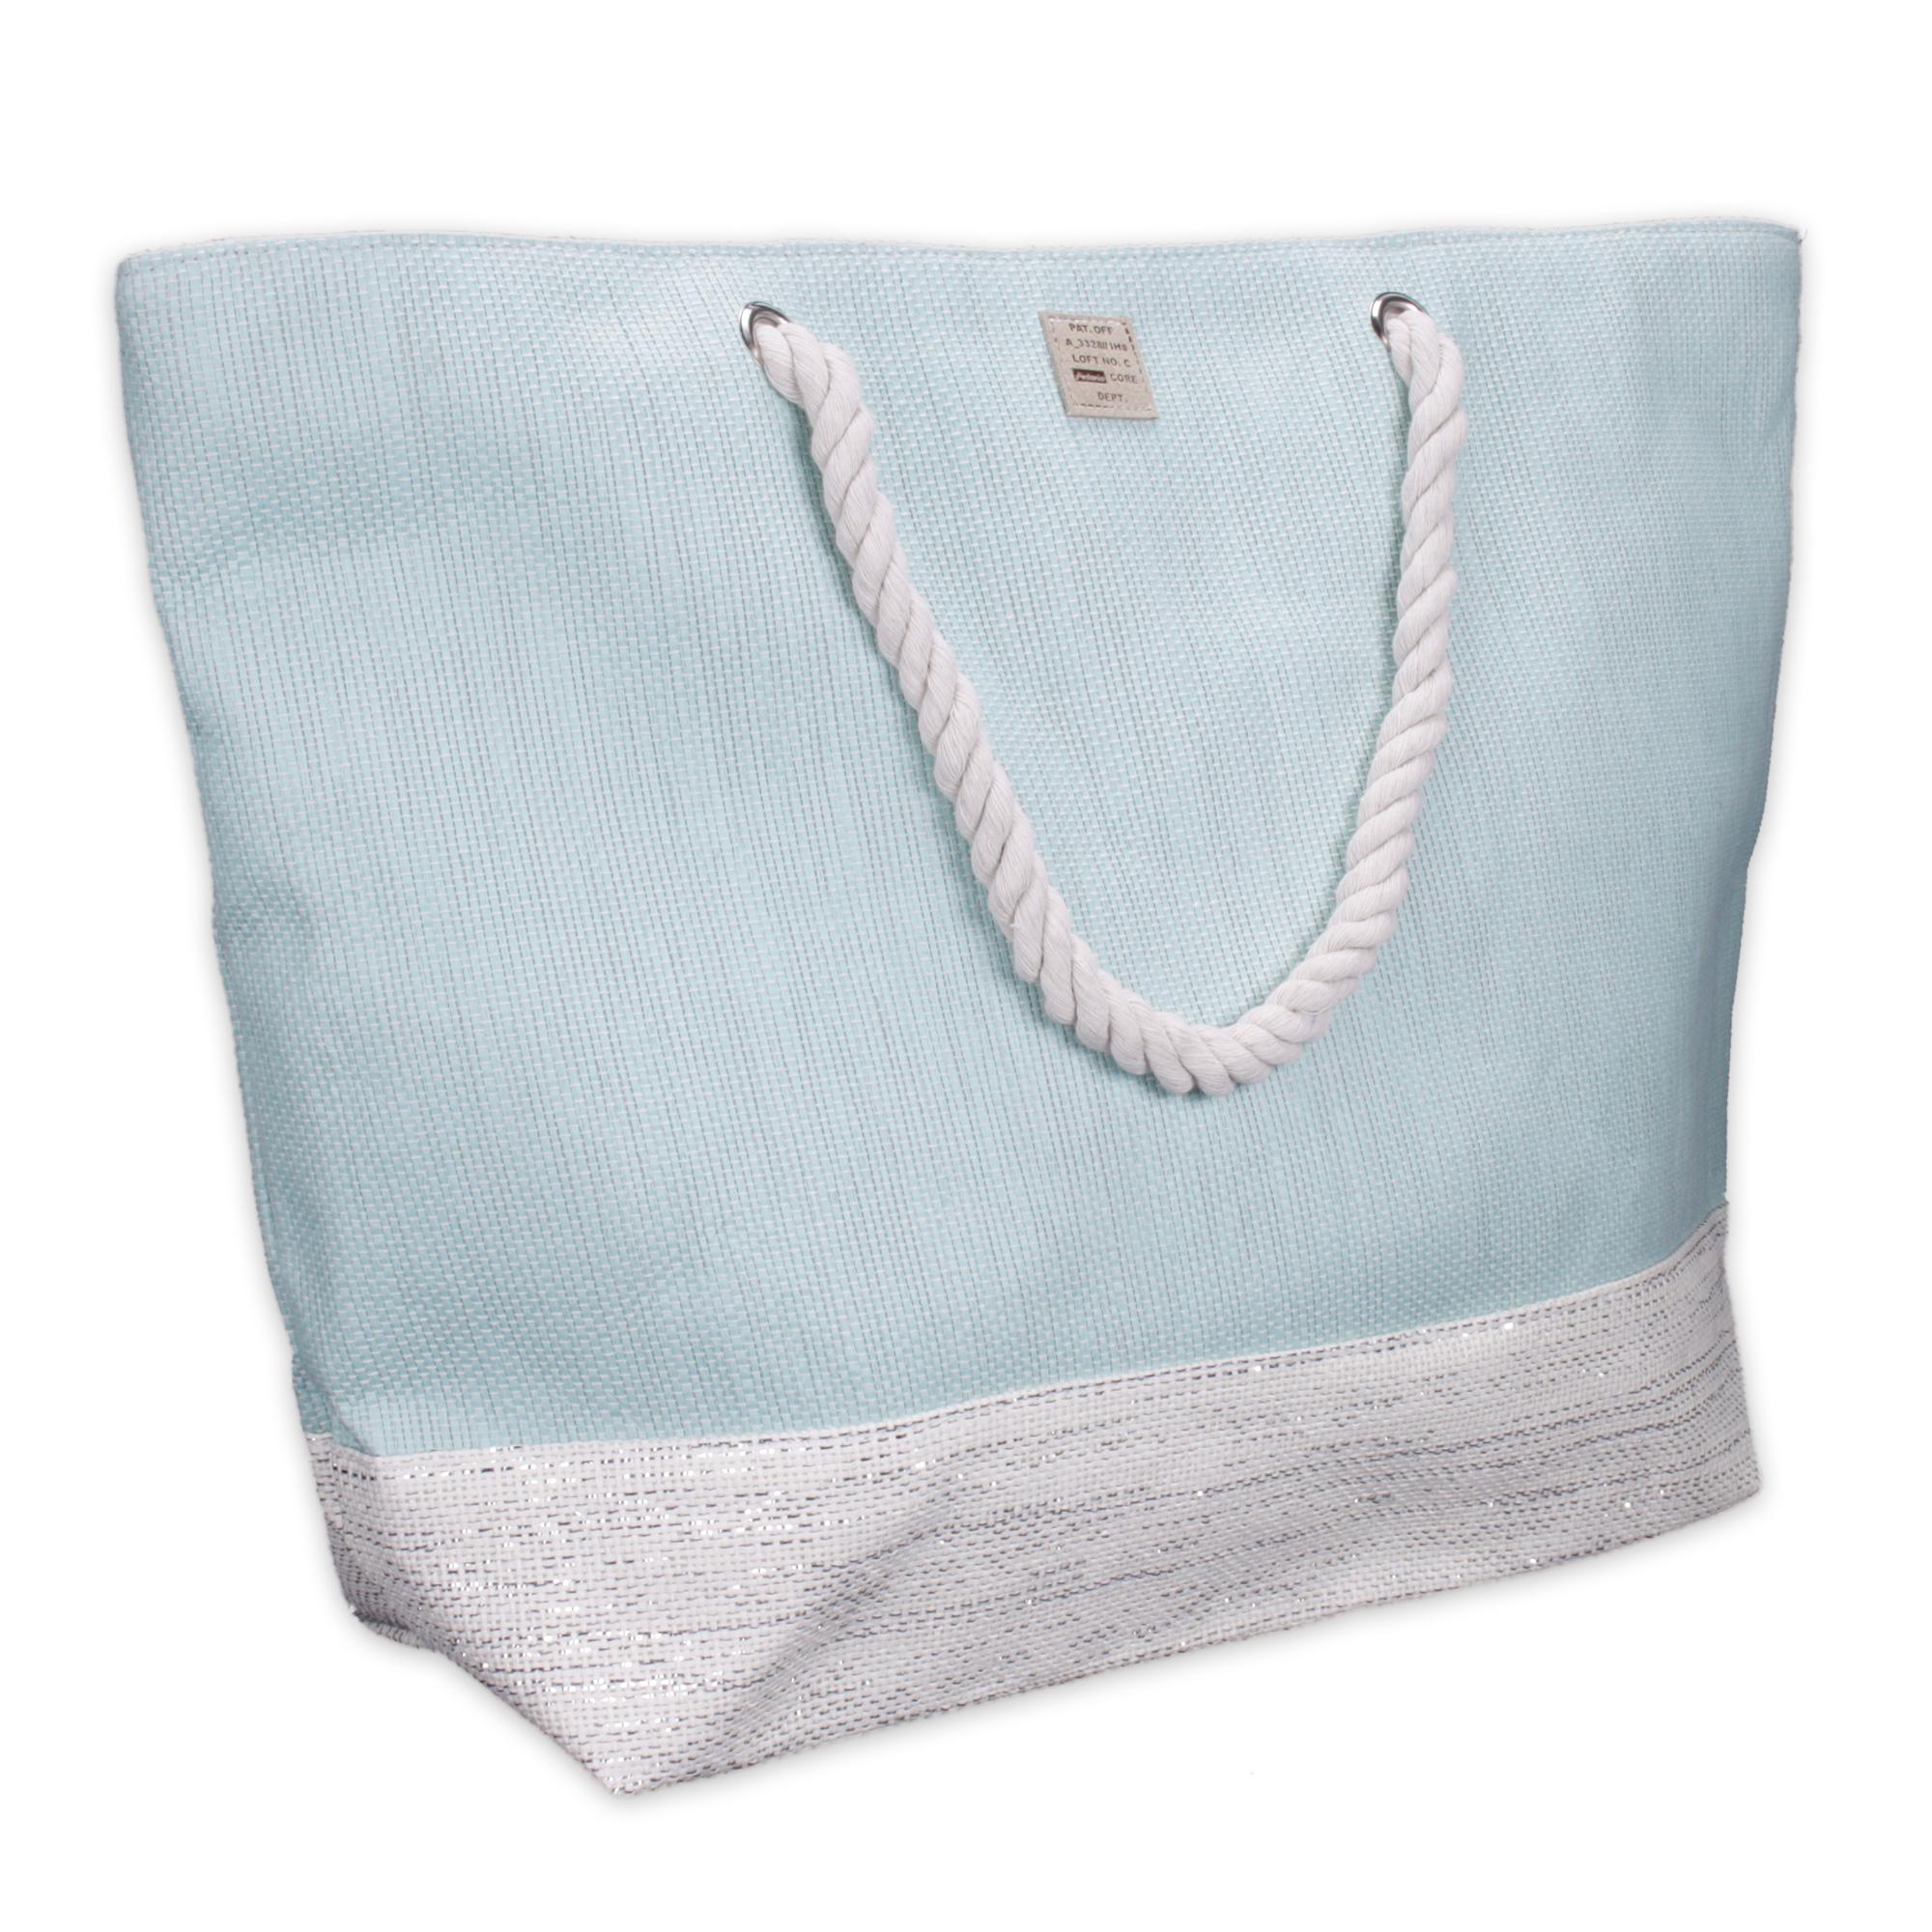 Strandtasche-Badetasche-Umhaengetasche-Einkaufstasche-Shopper-ANTONIO-in-4-Farben